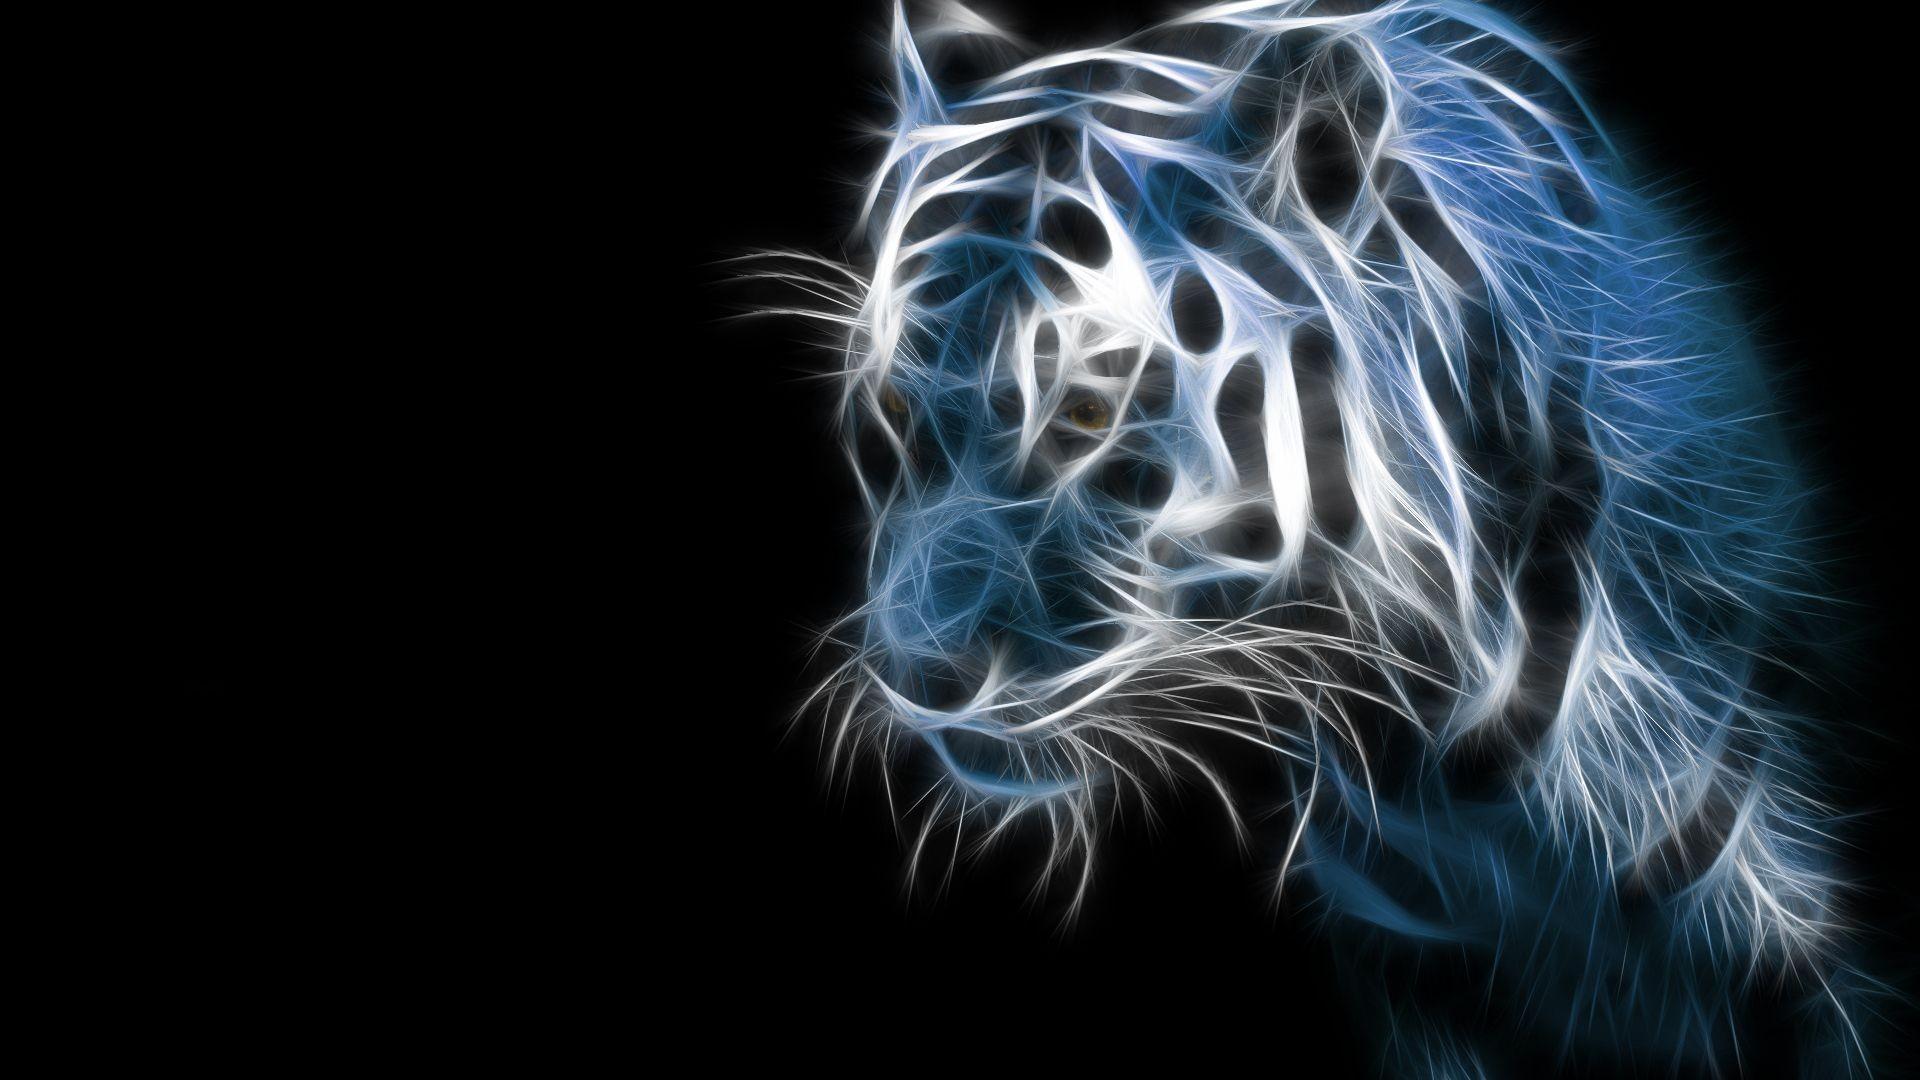 Download Tiger Animal Wallpaper 1920×1080